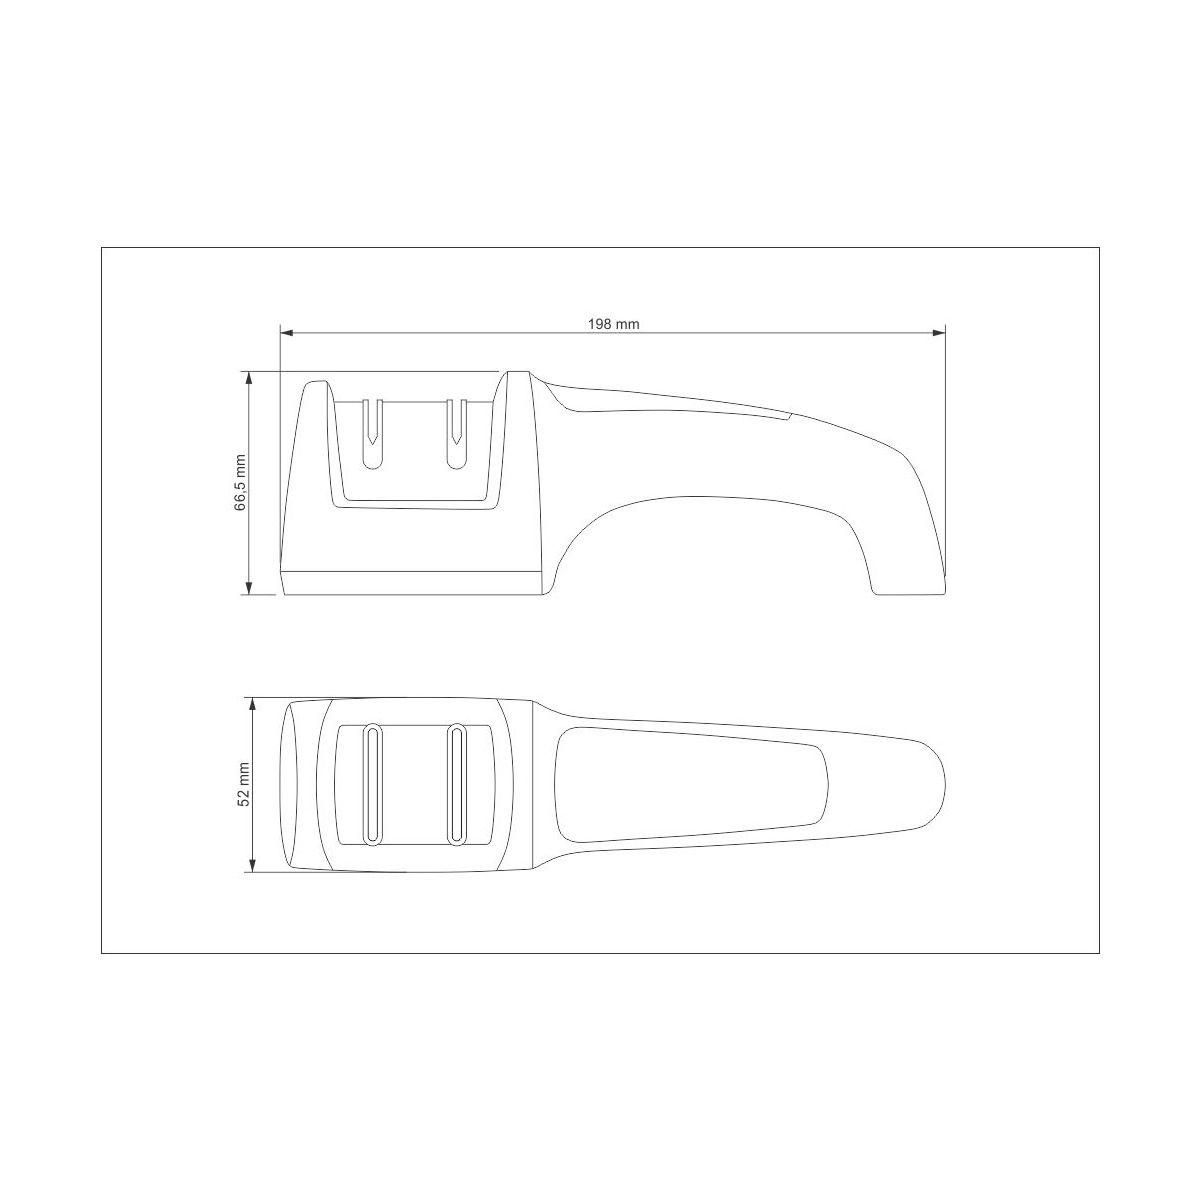 Afiador de Facas Tramontina Diamantado com Suporte em ABS e Aço Inox 24031/000 | Lojas Estrela